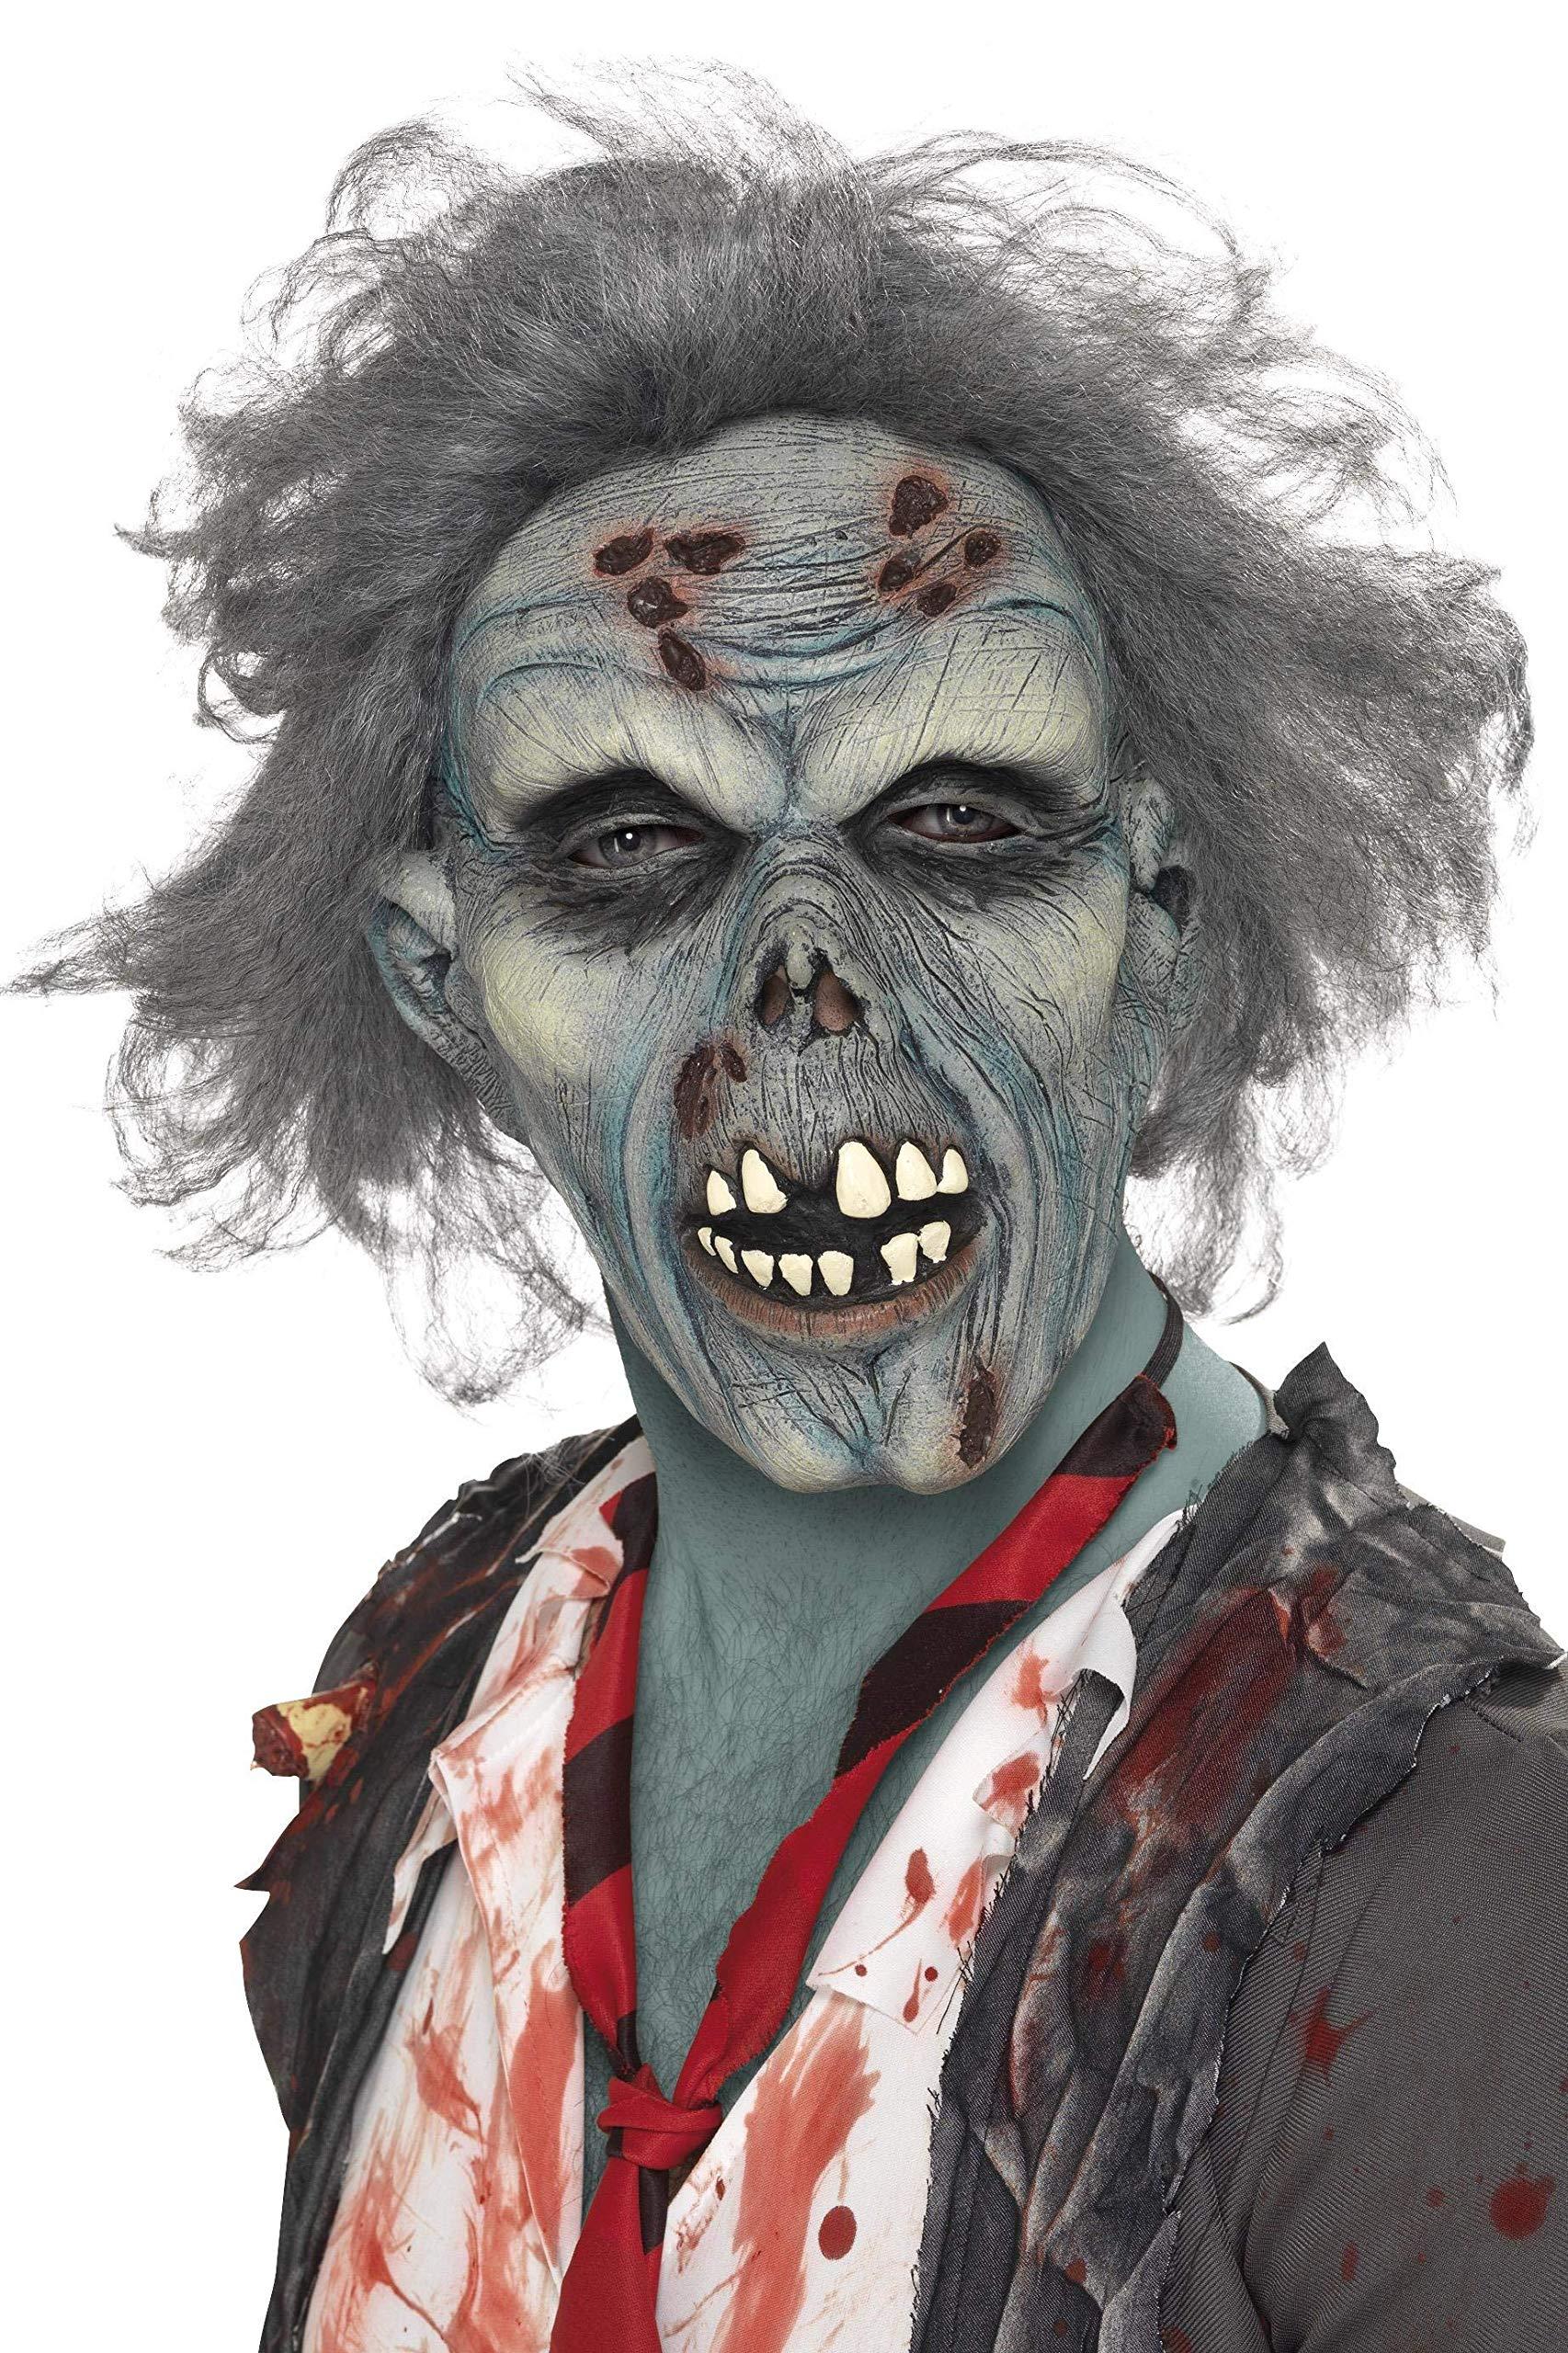 Smiffys 36852 Déguisement Homme Masque de Zombie Pourri Tête Complète Latex, Gris, Taille Unique product image